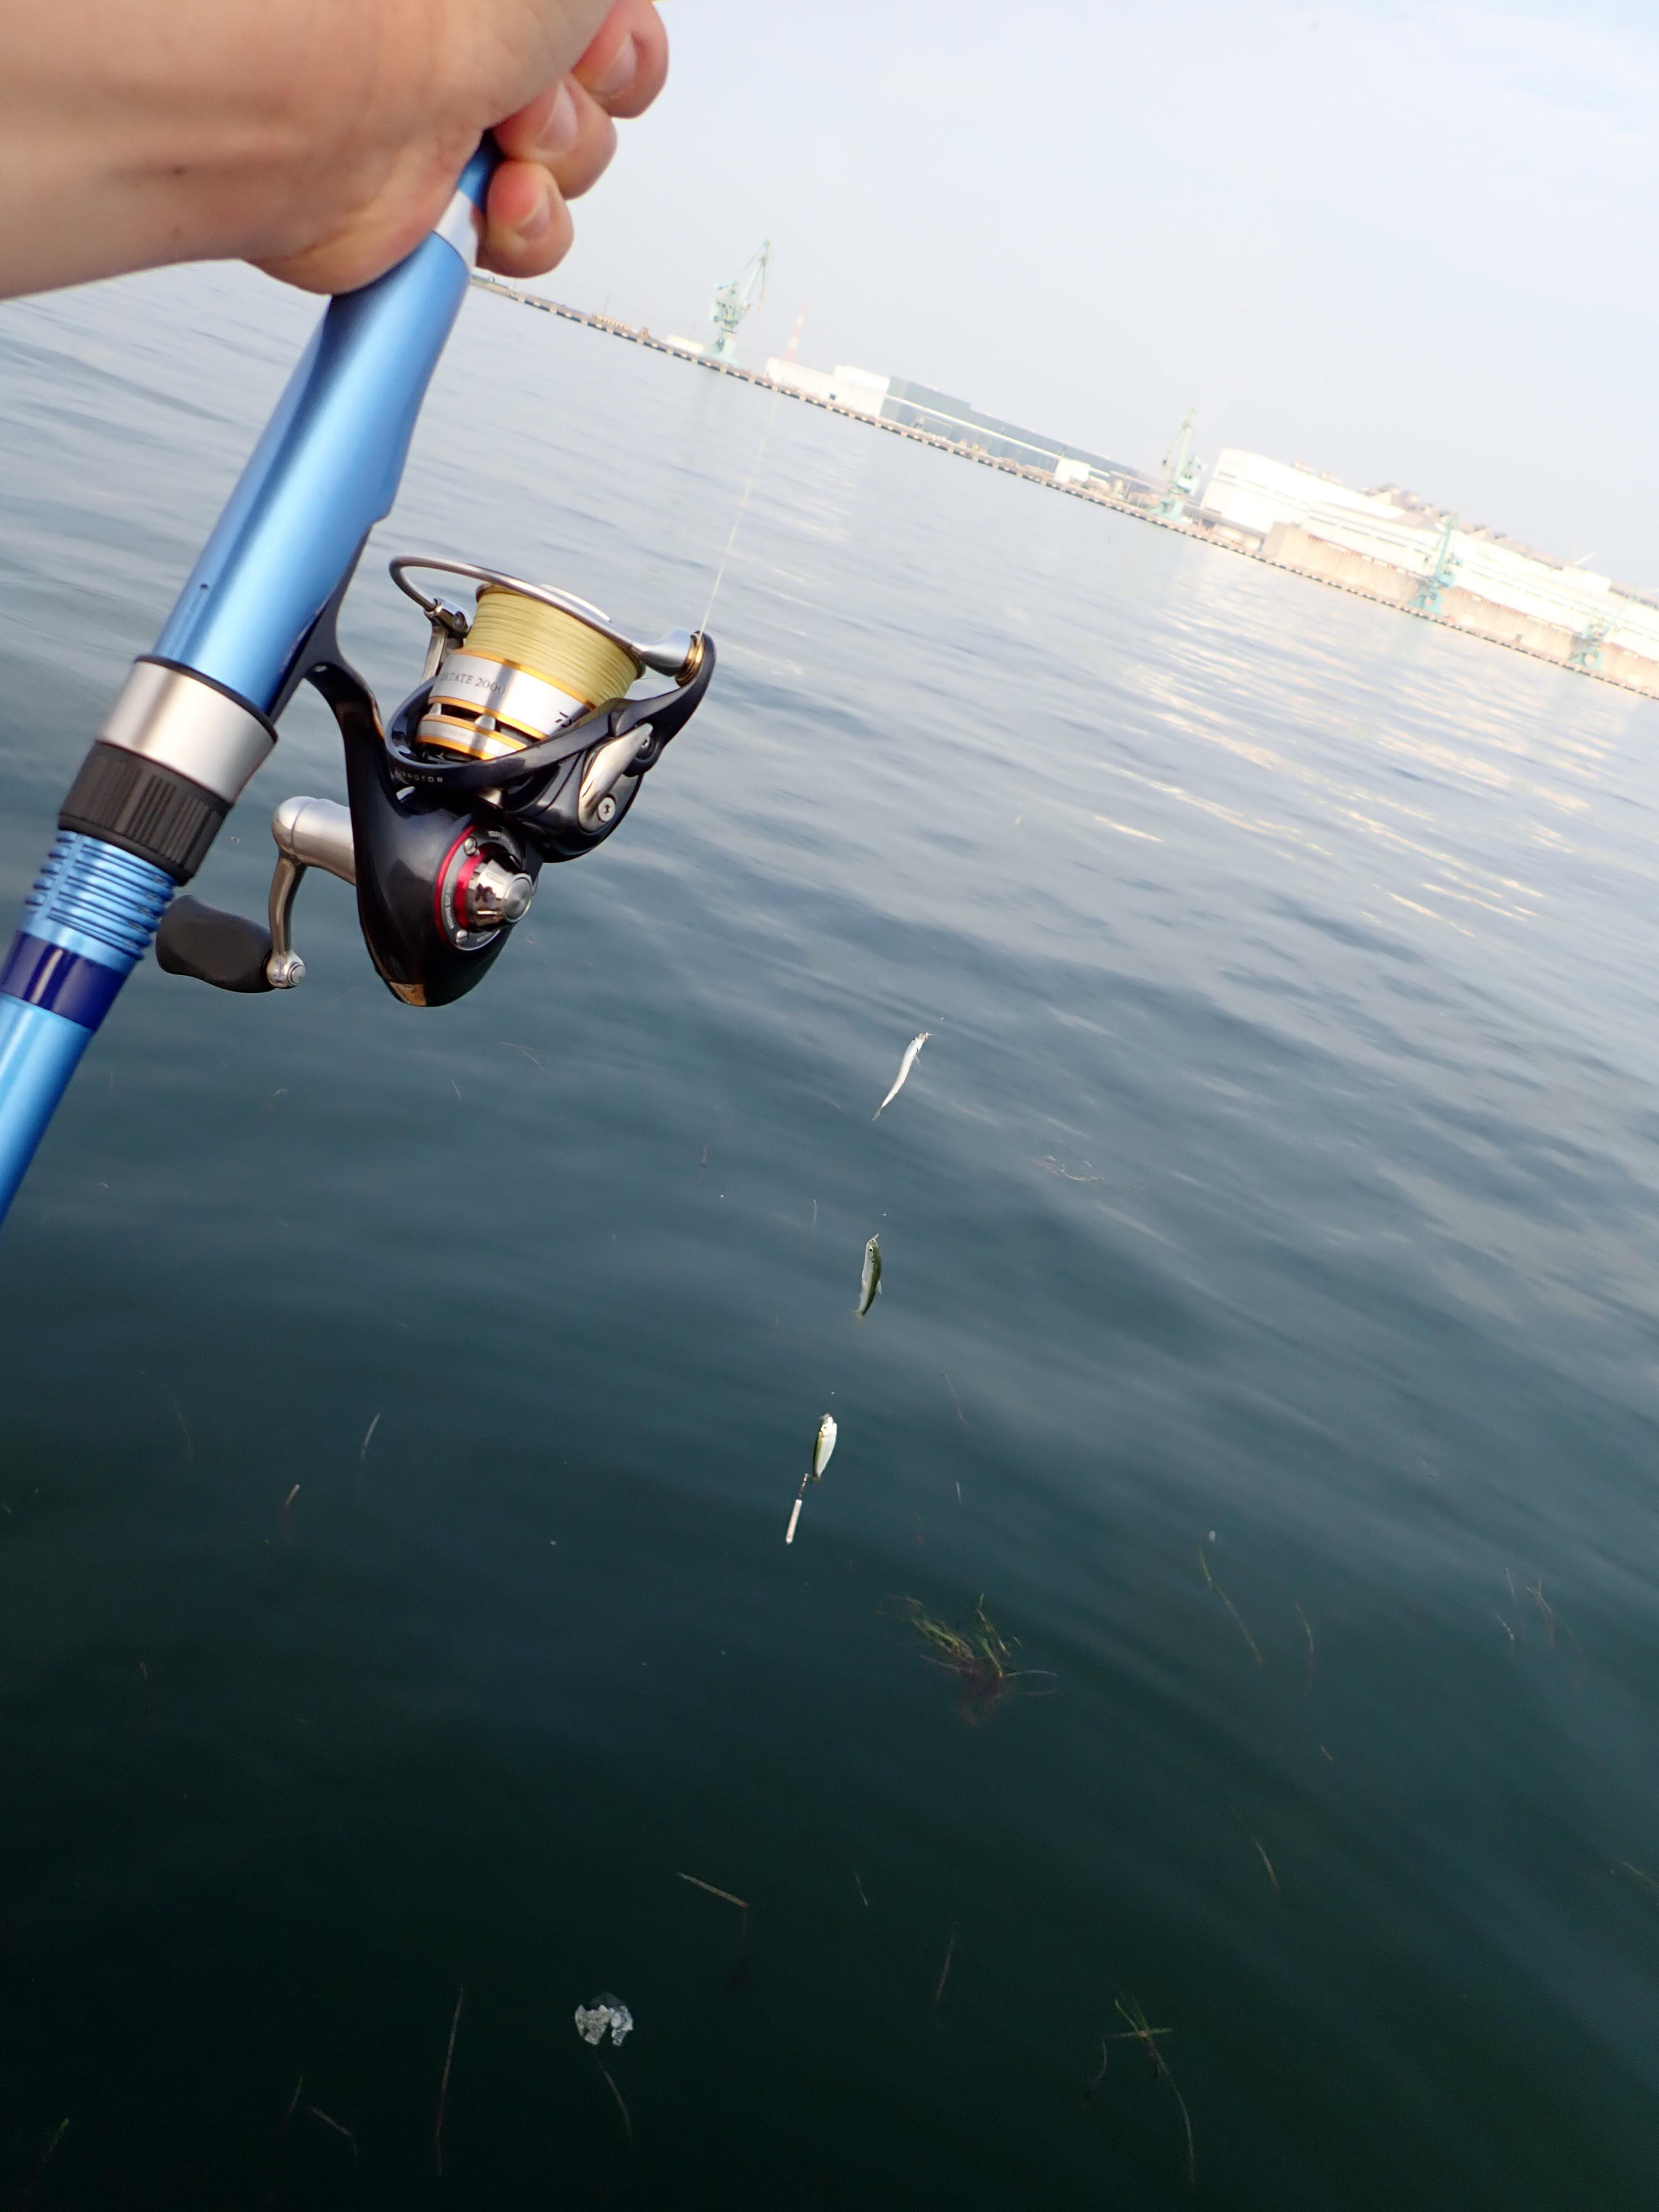 ちょっと投げて巻くだけでコレ。足元に垂らして誘っても良し!とにかく良く釣れました。